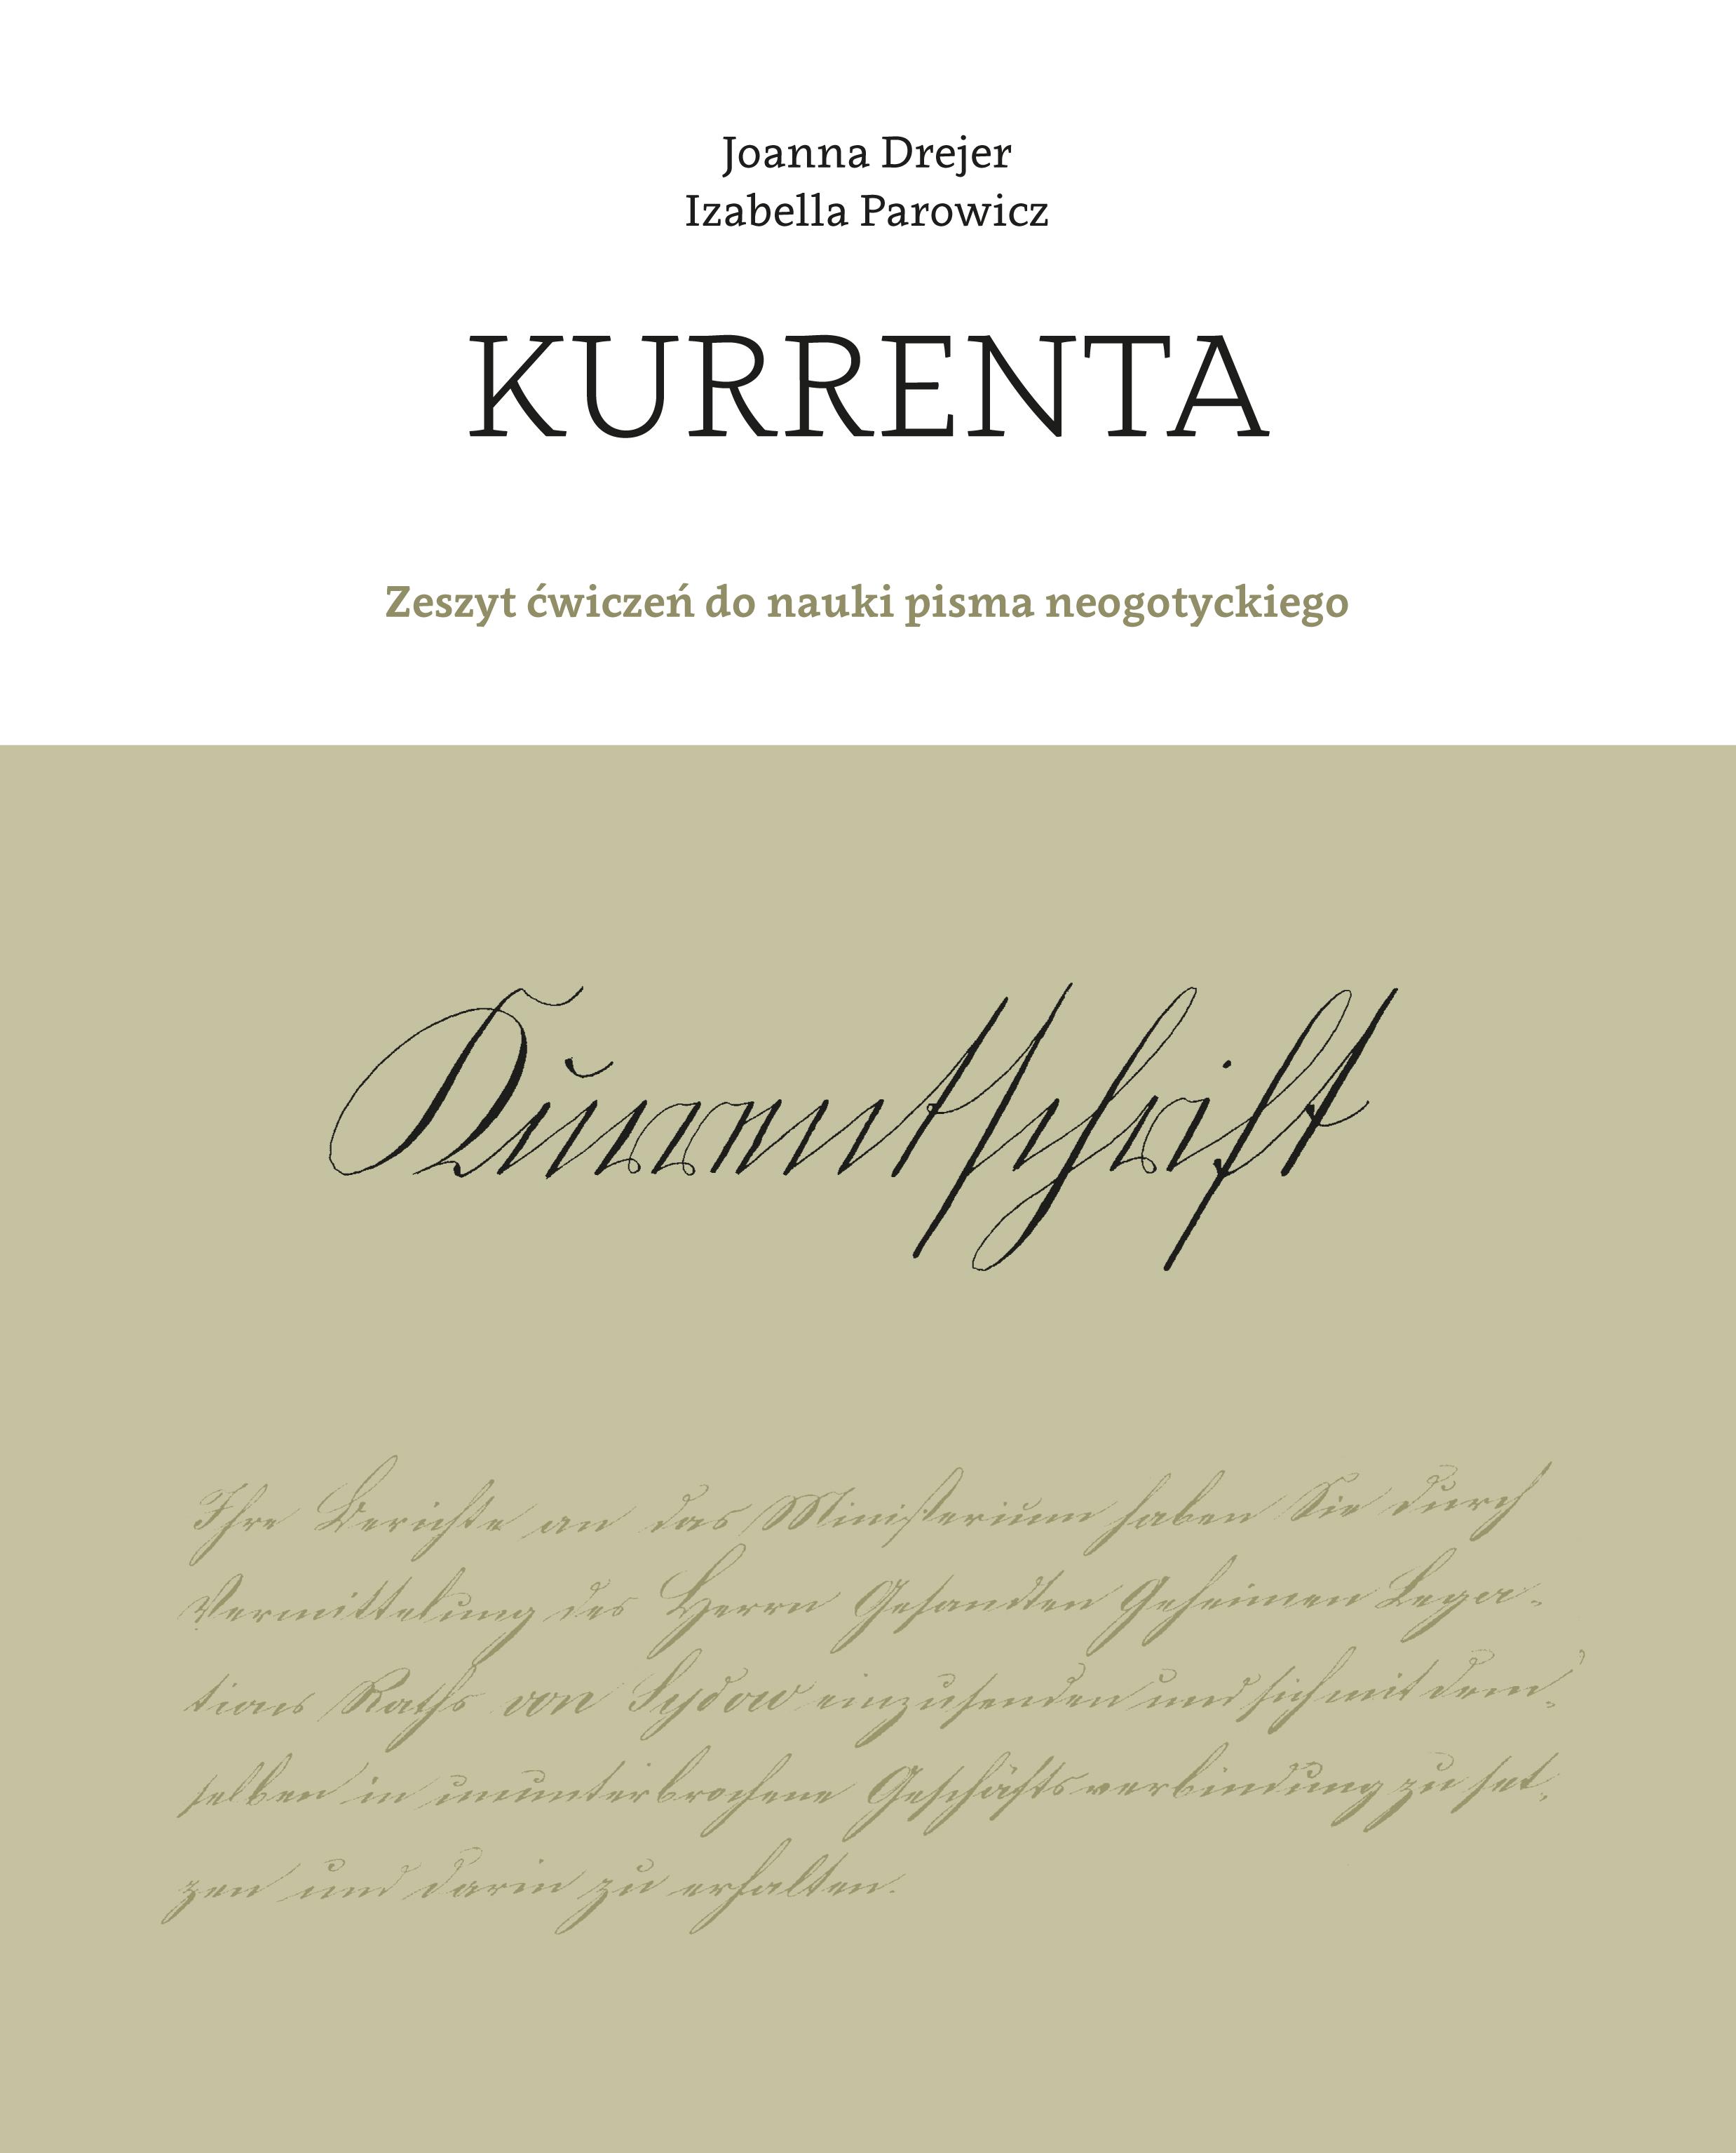 Deutsche Schrebschrift zeszyt_okladka.indd